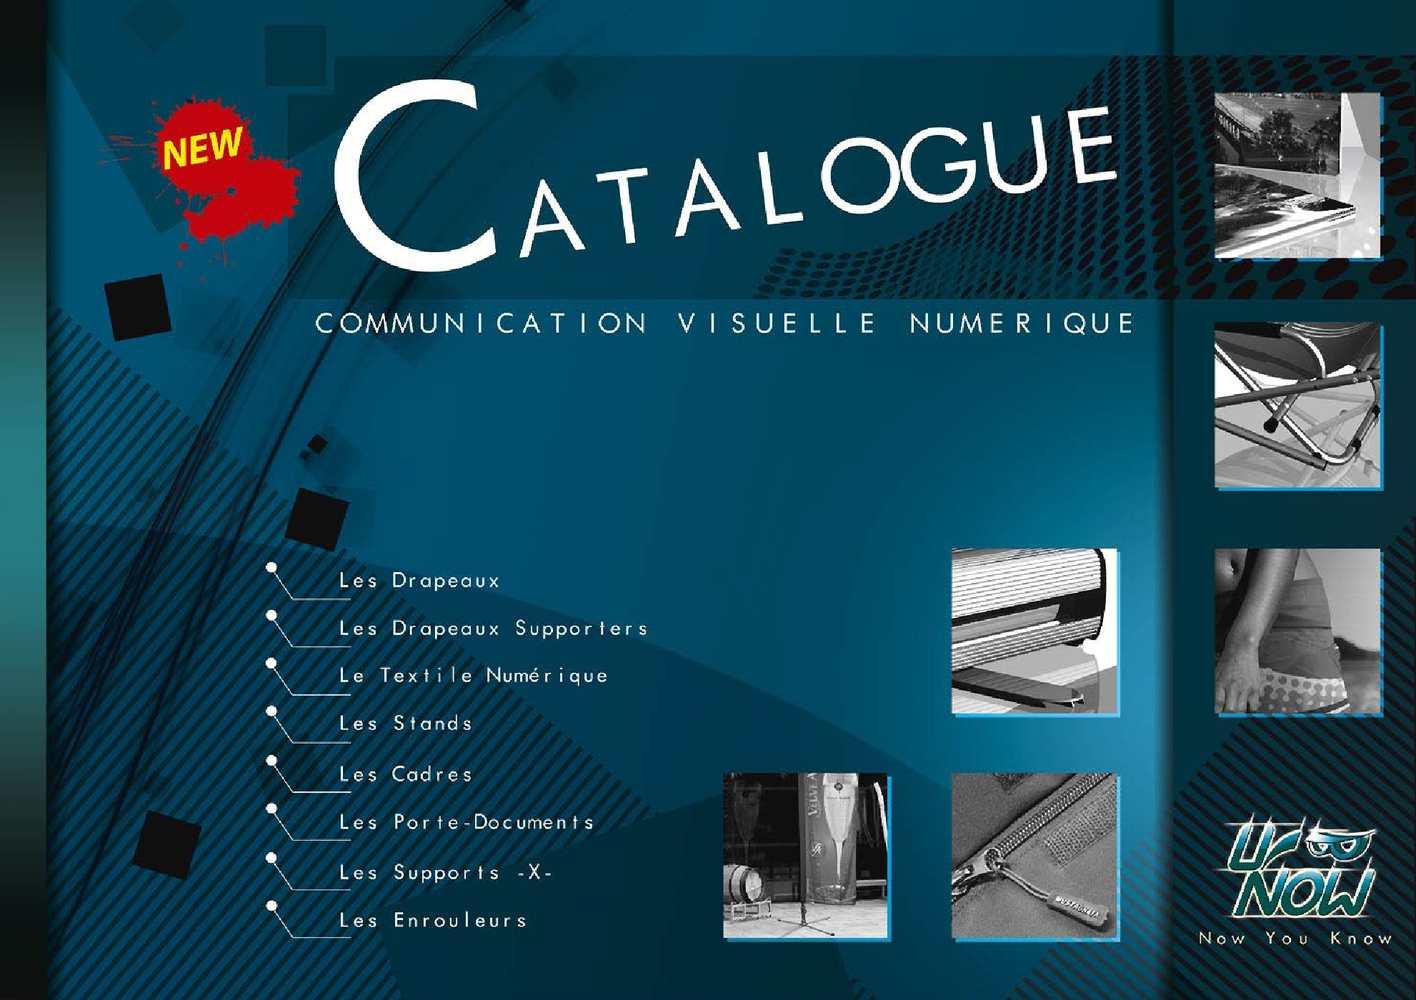 Catalogue Communication visuelle numérique